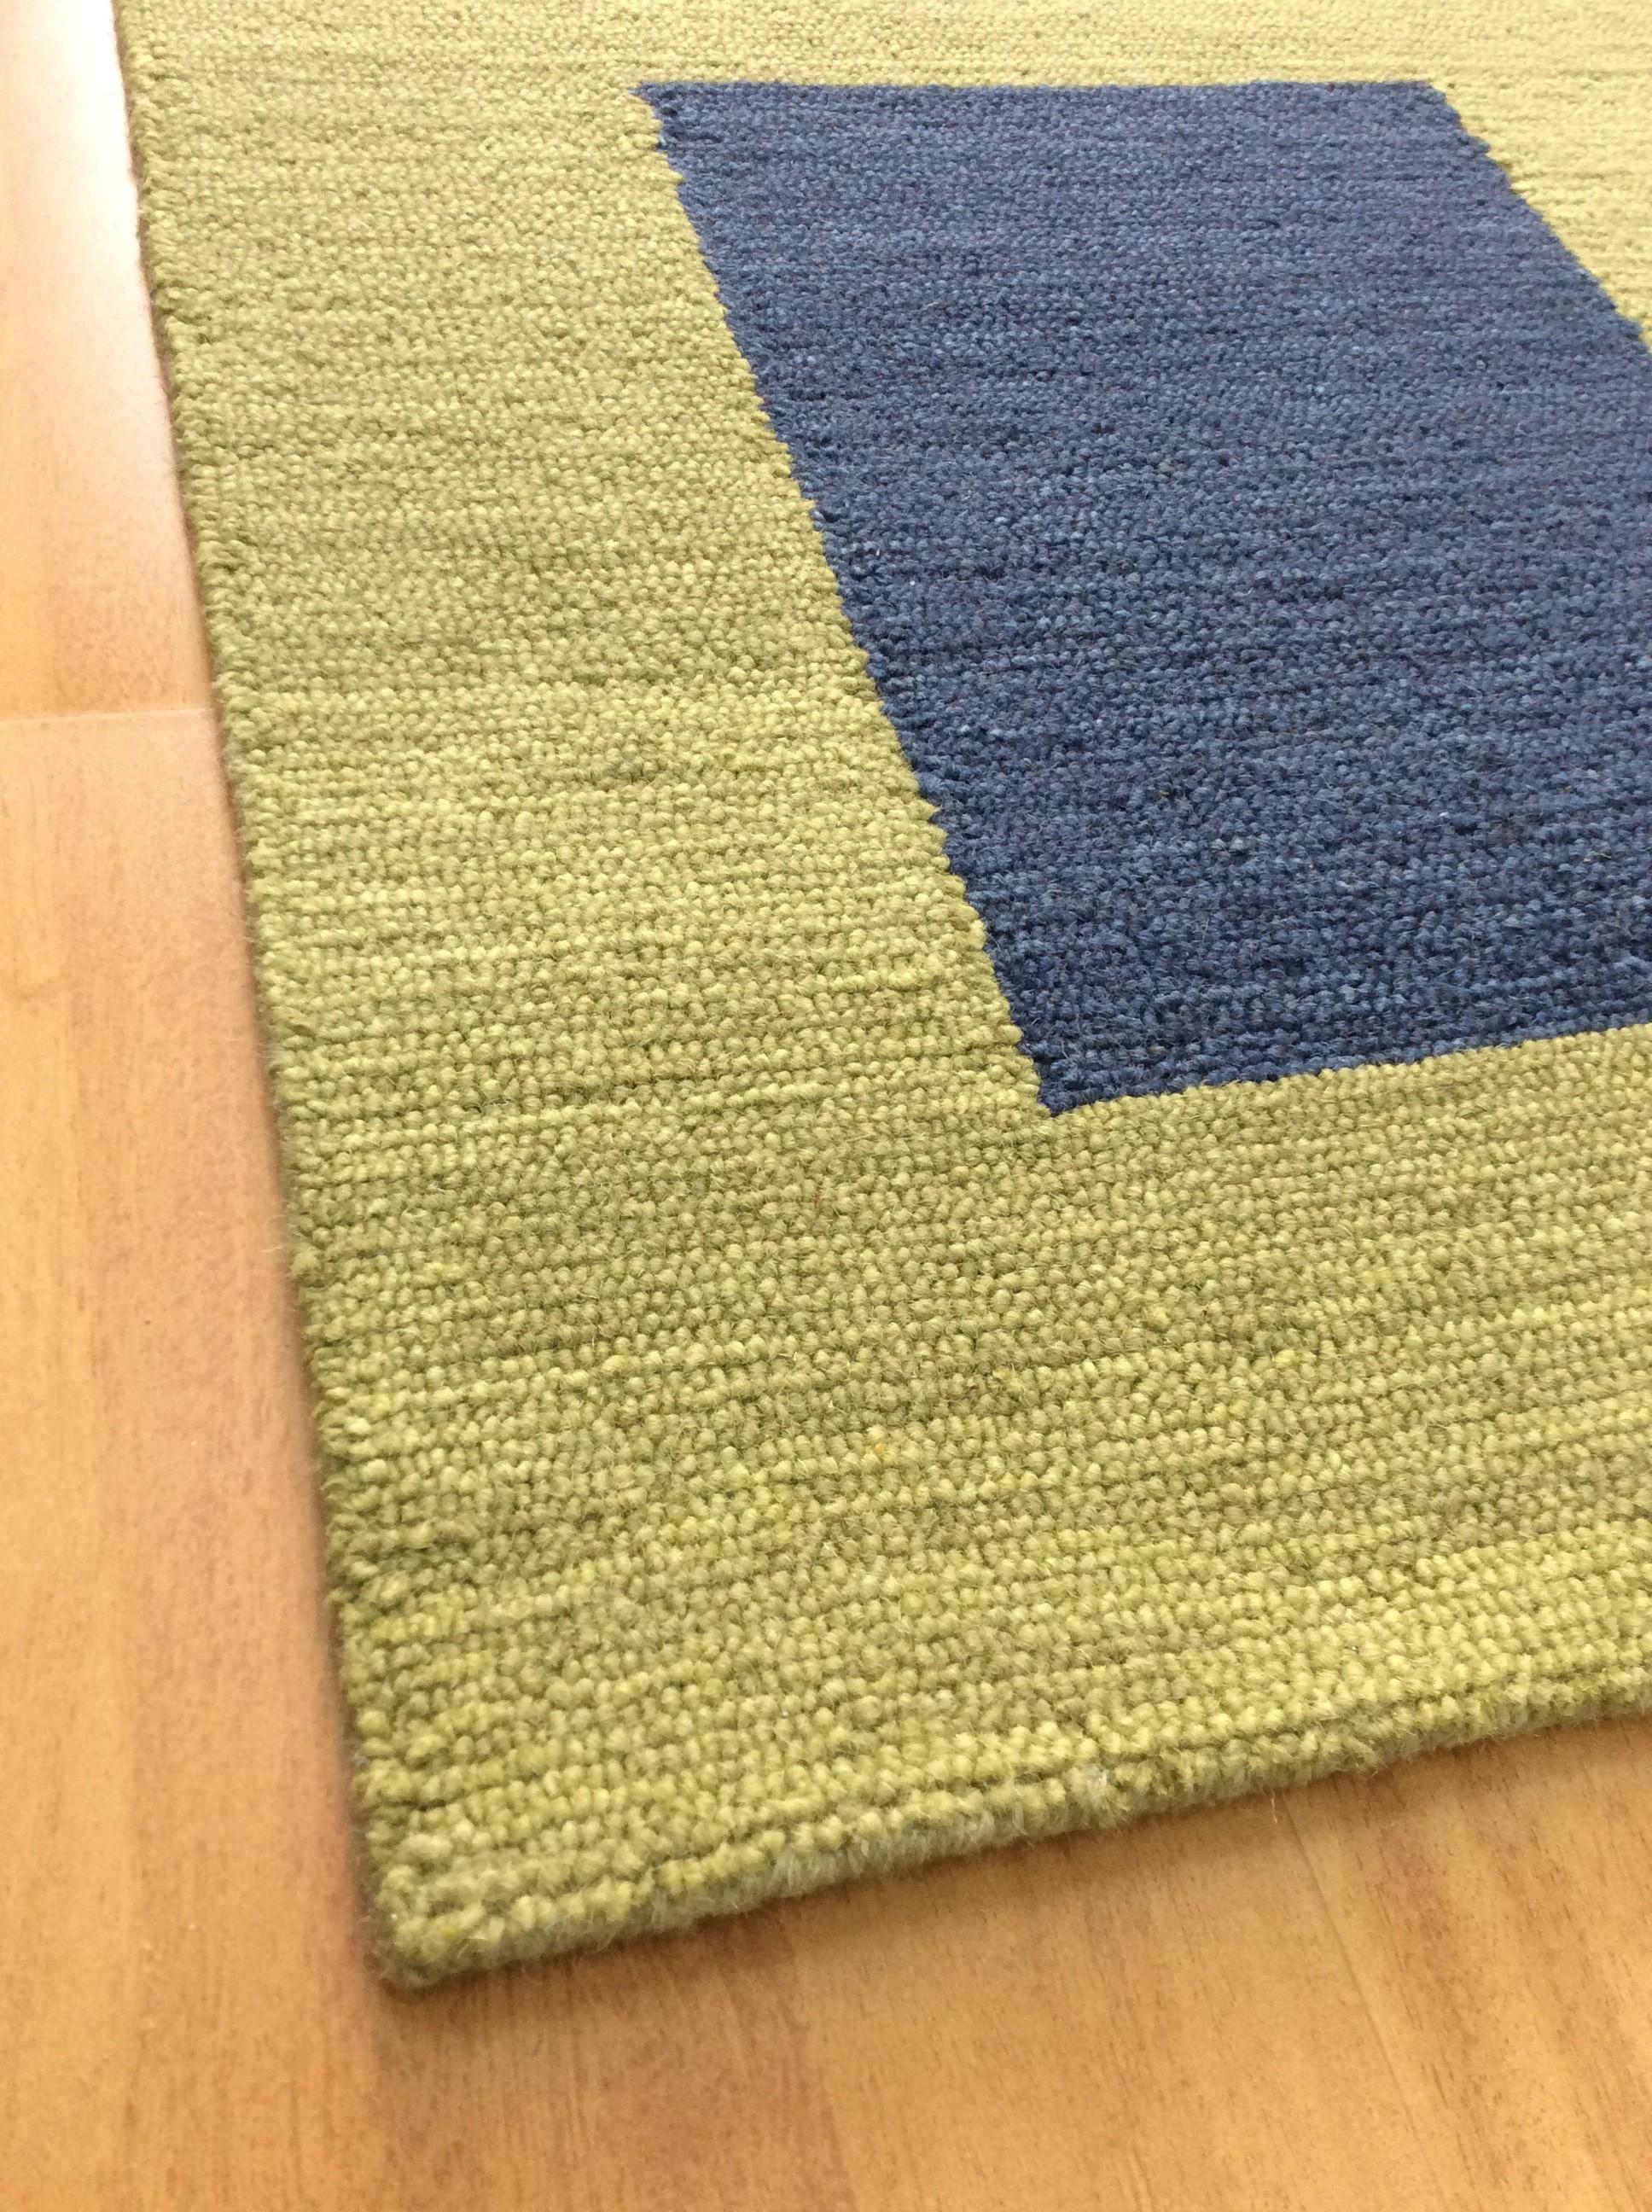 Handmade Wool Modern Green Navy Blue 5 X 8 Lt1459 Area Rug